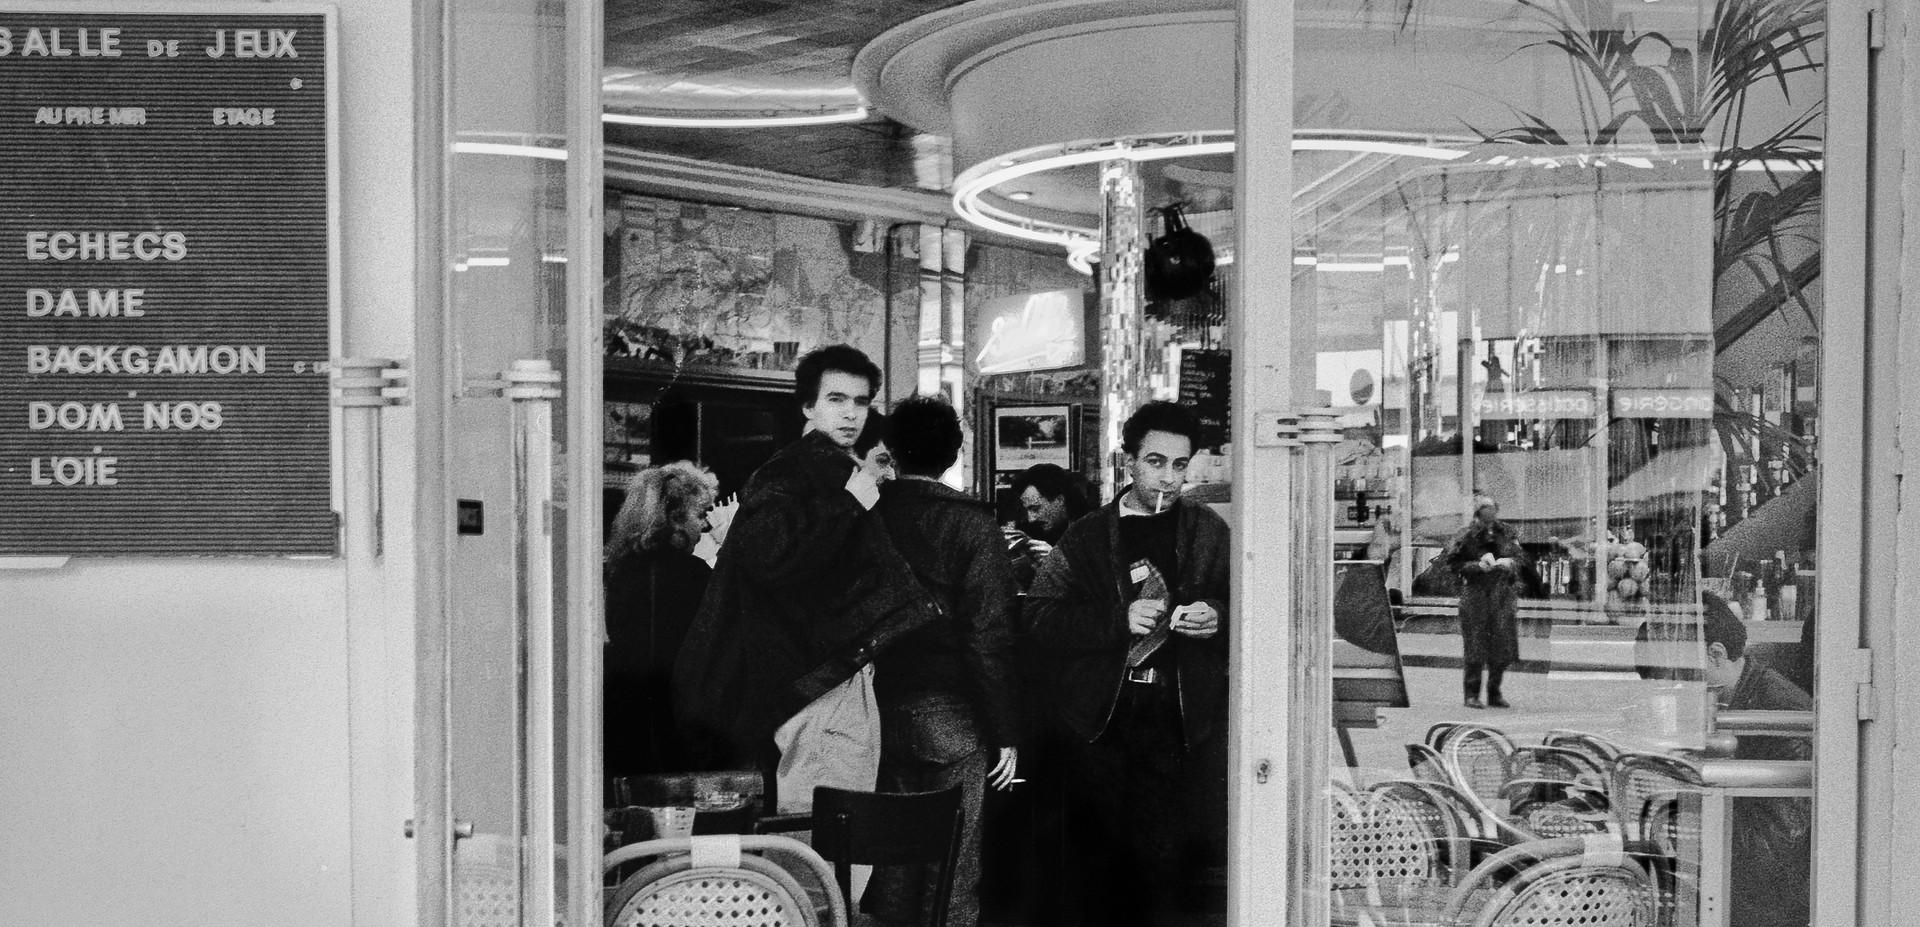 Paris, France 1989